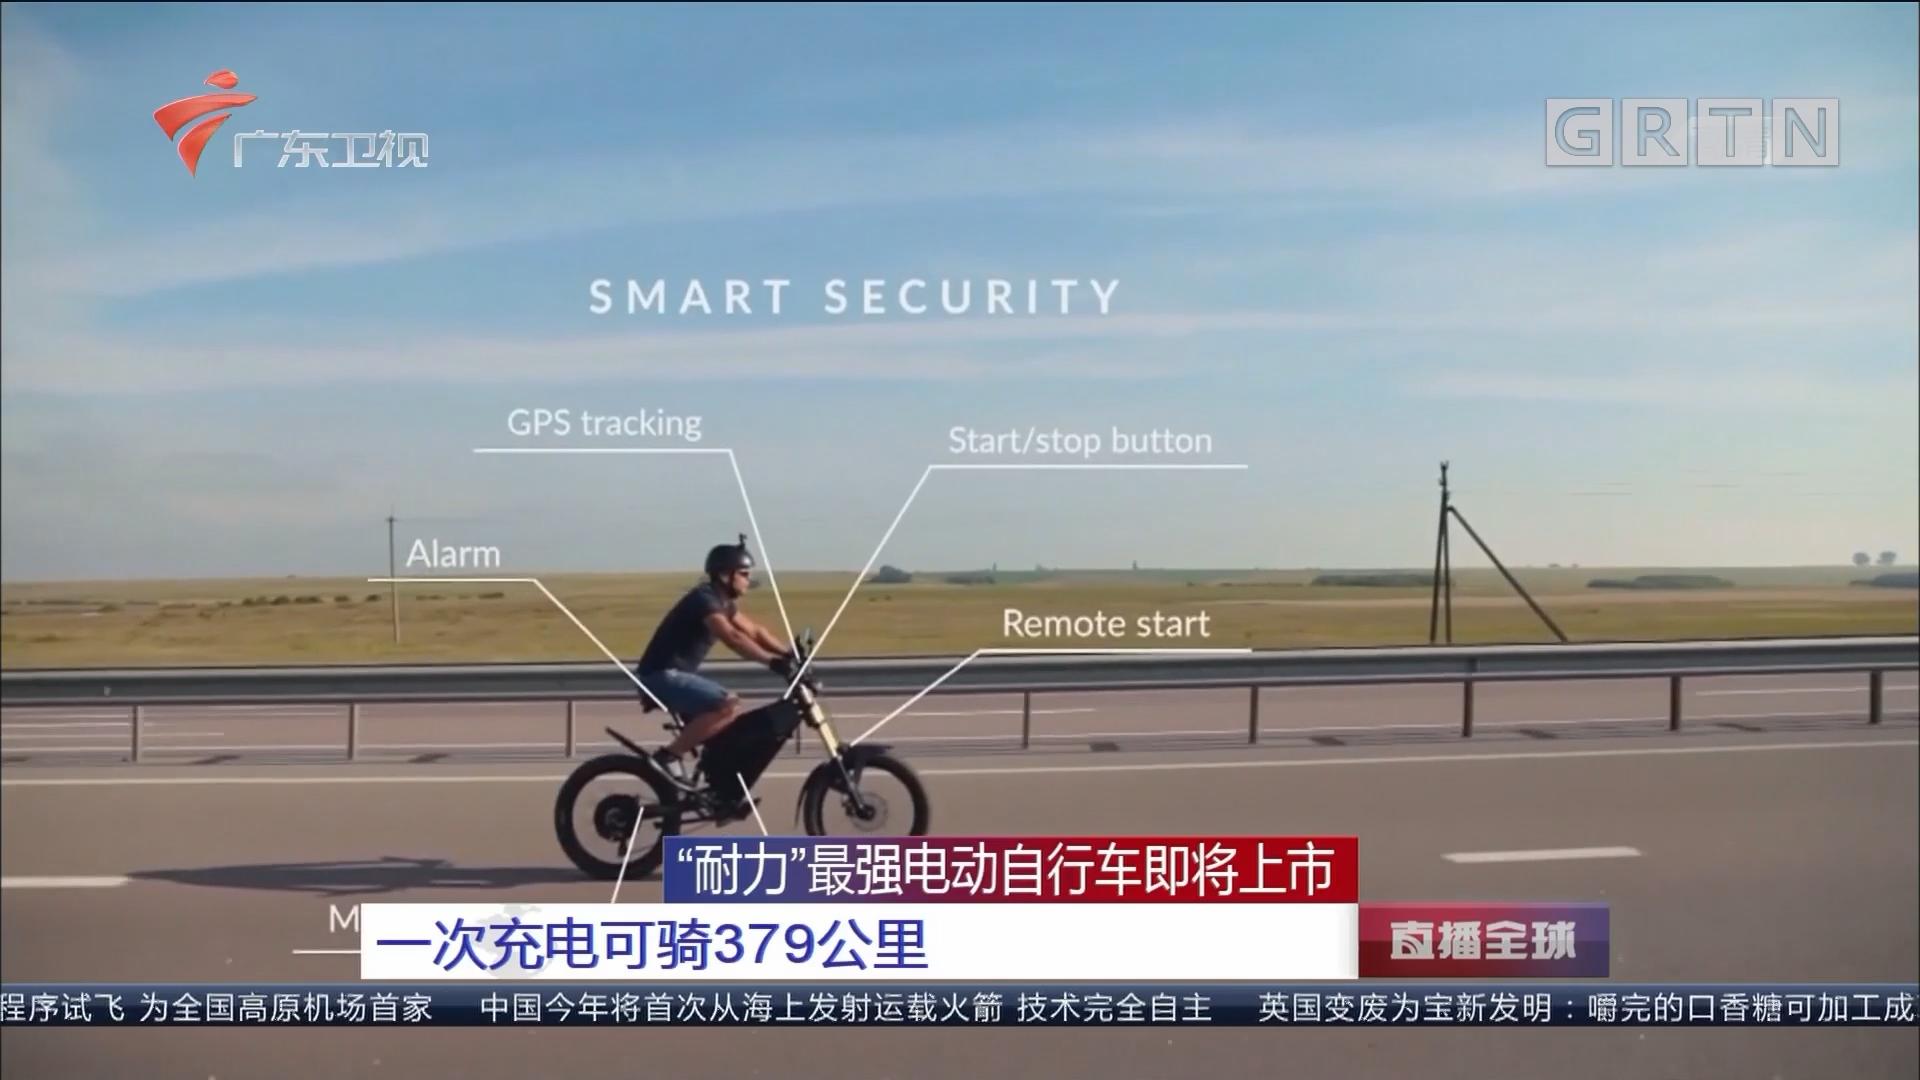 """""""耐力""""最强电动自行车即将上市:一次充电可骑379公里"""